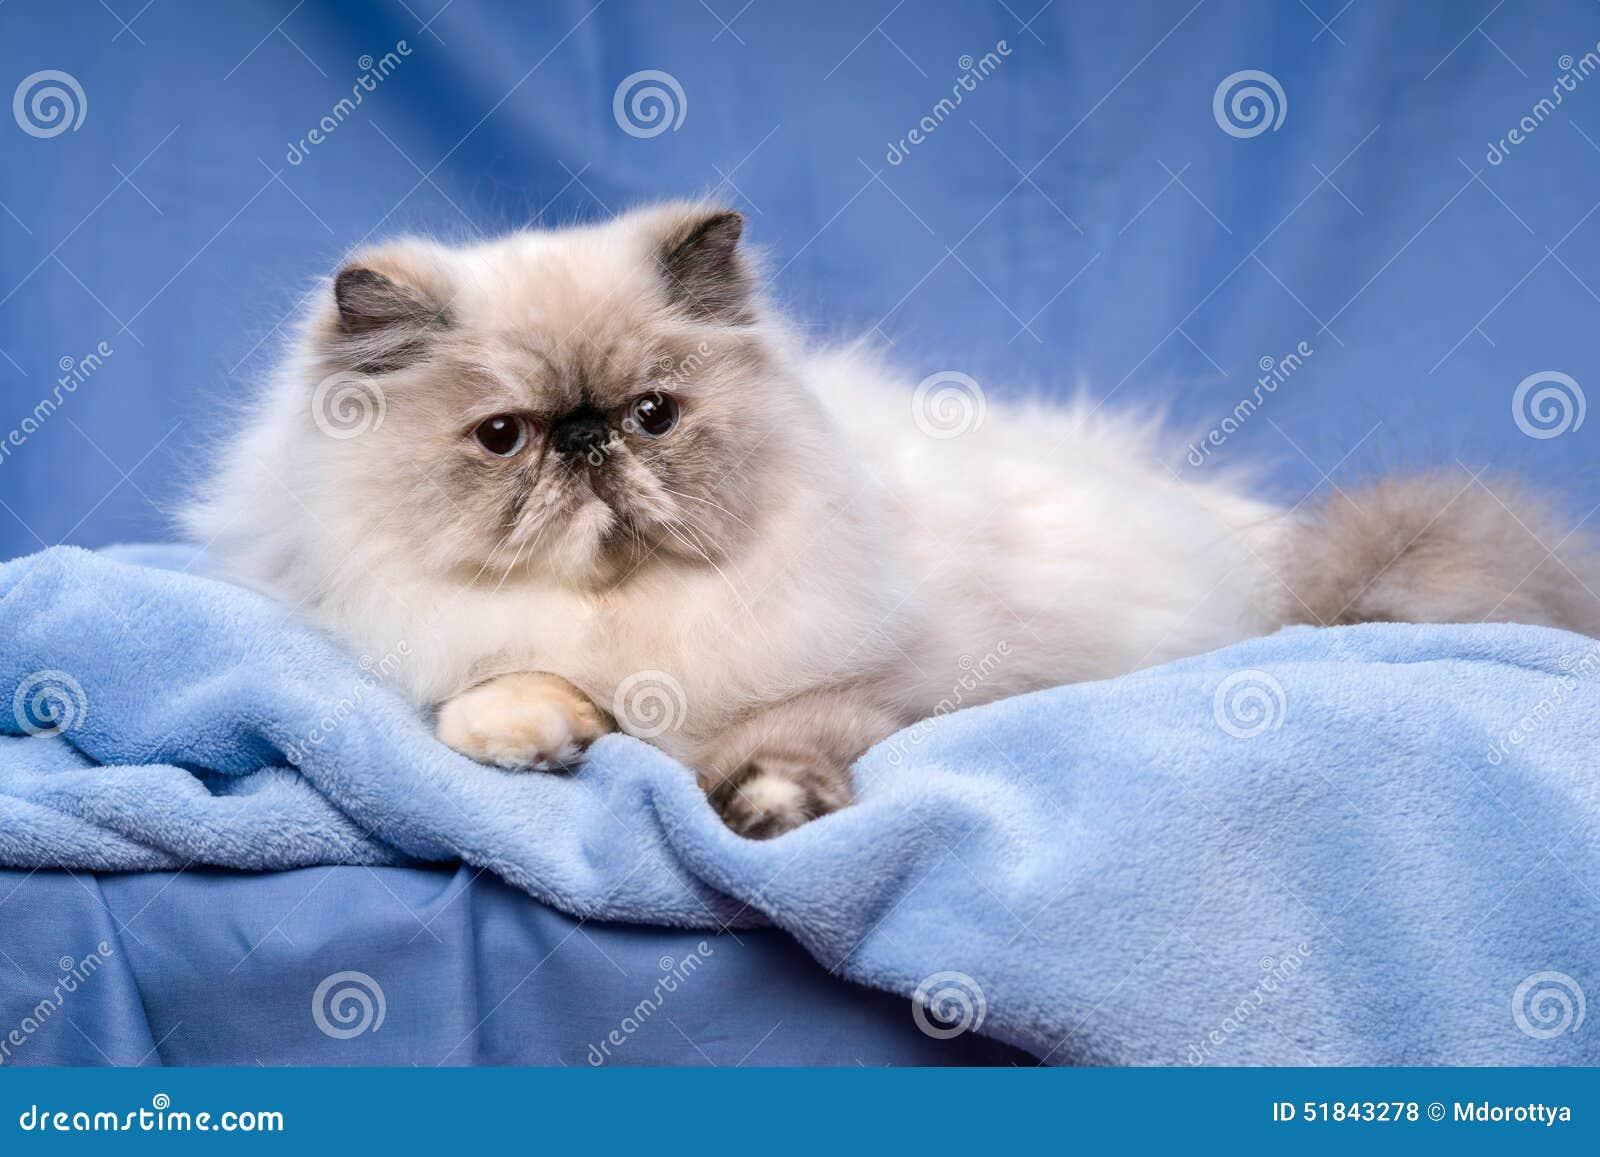 le chat persan mignon de colorpoint de tortie se trouve sur un fond bleu photo stock image. Black Bedroom Furniture Sets. Home Design Ideas